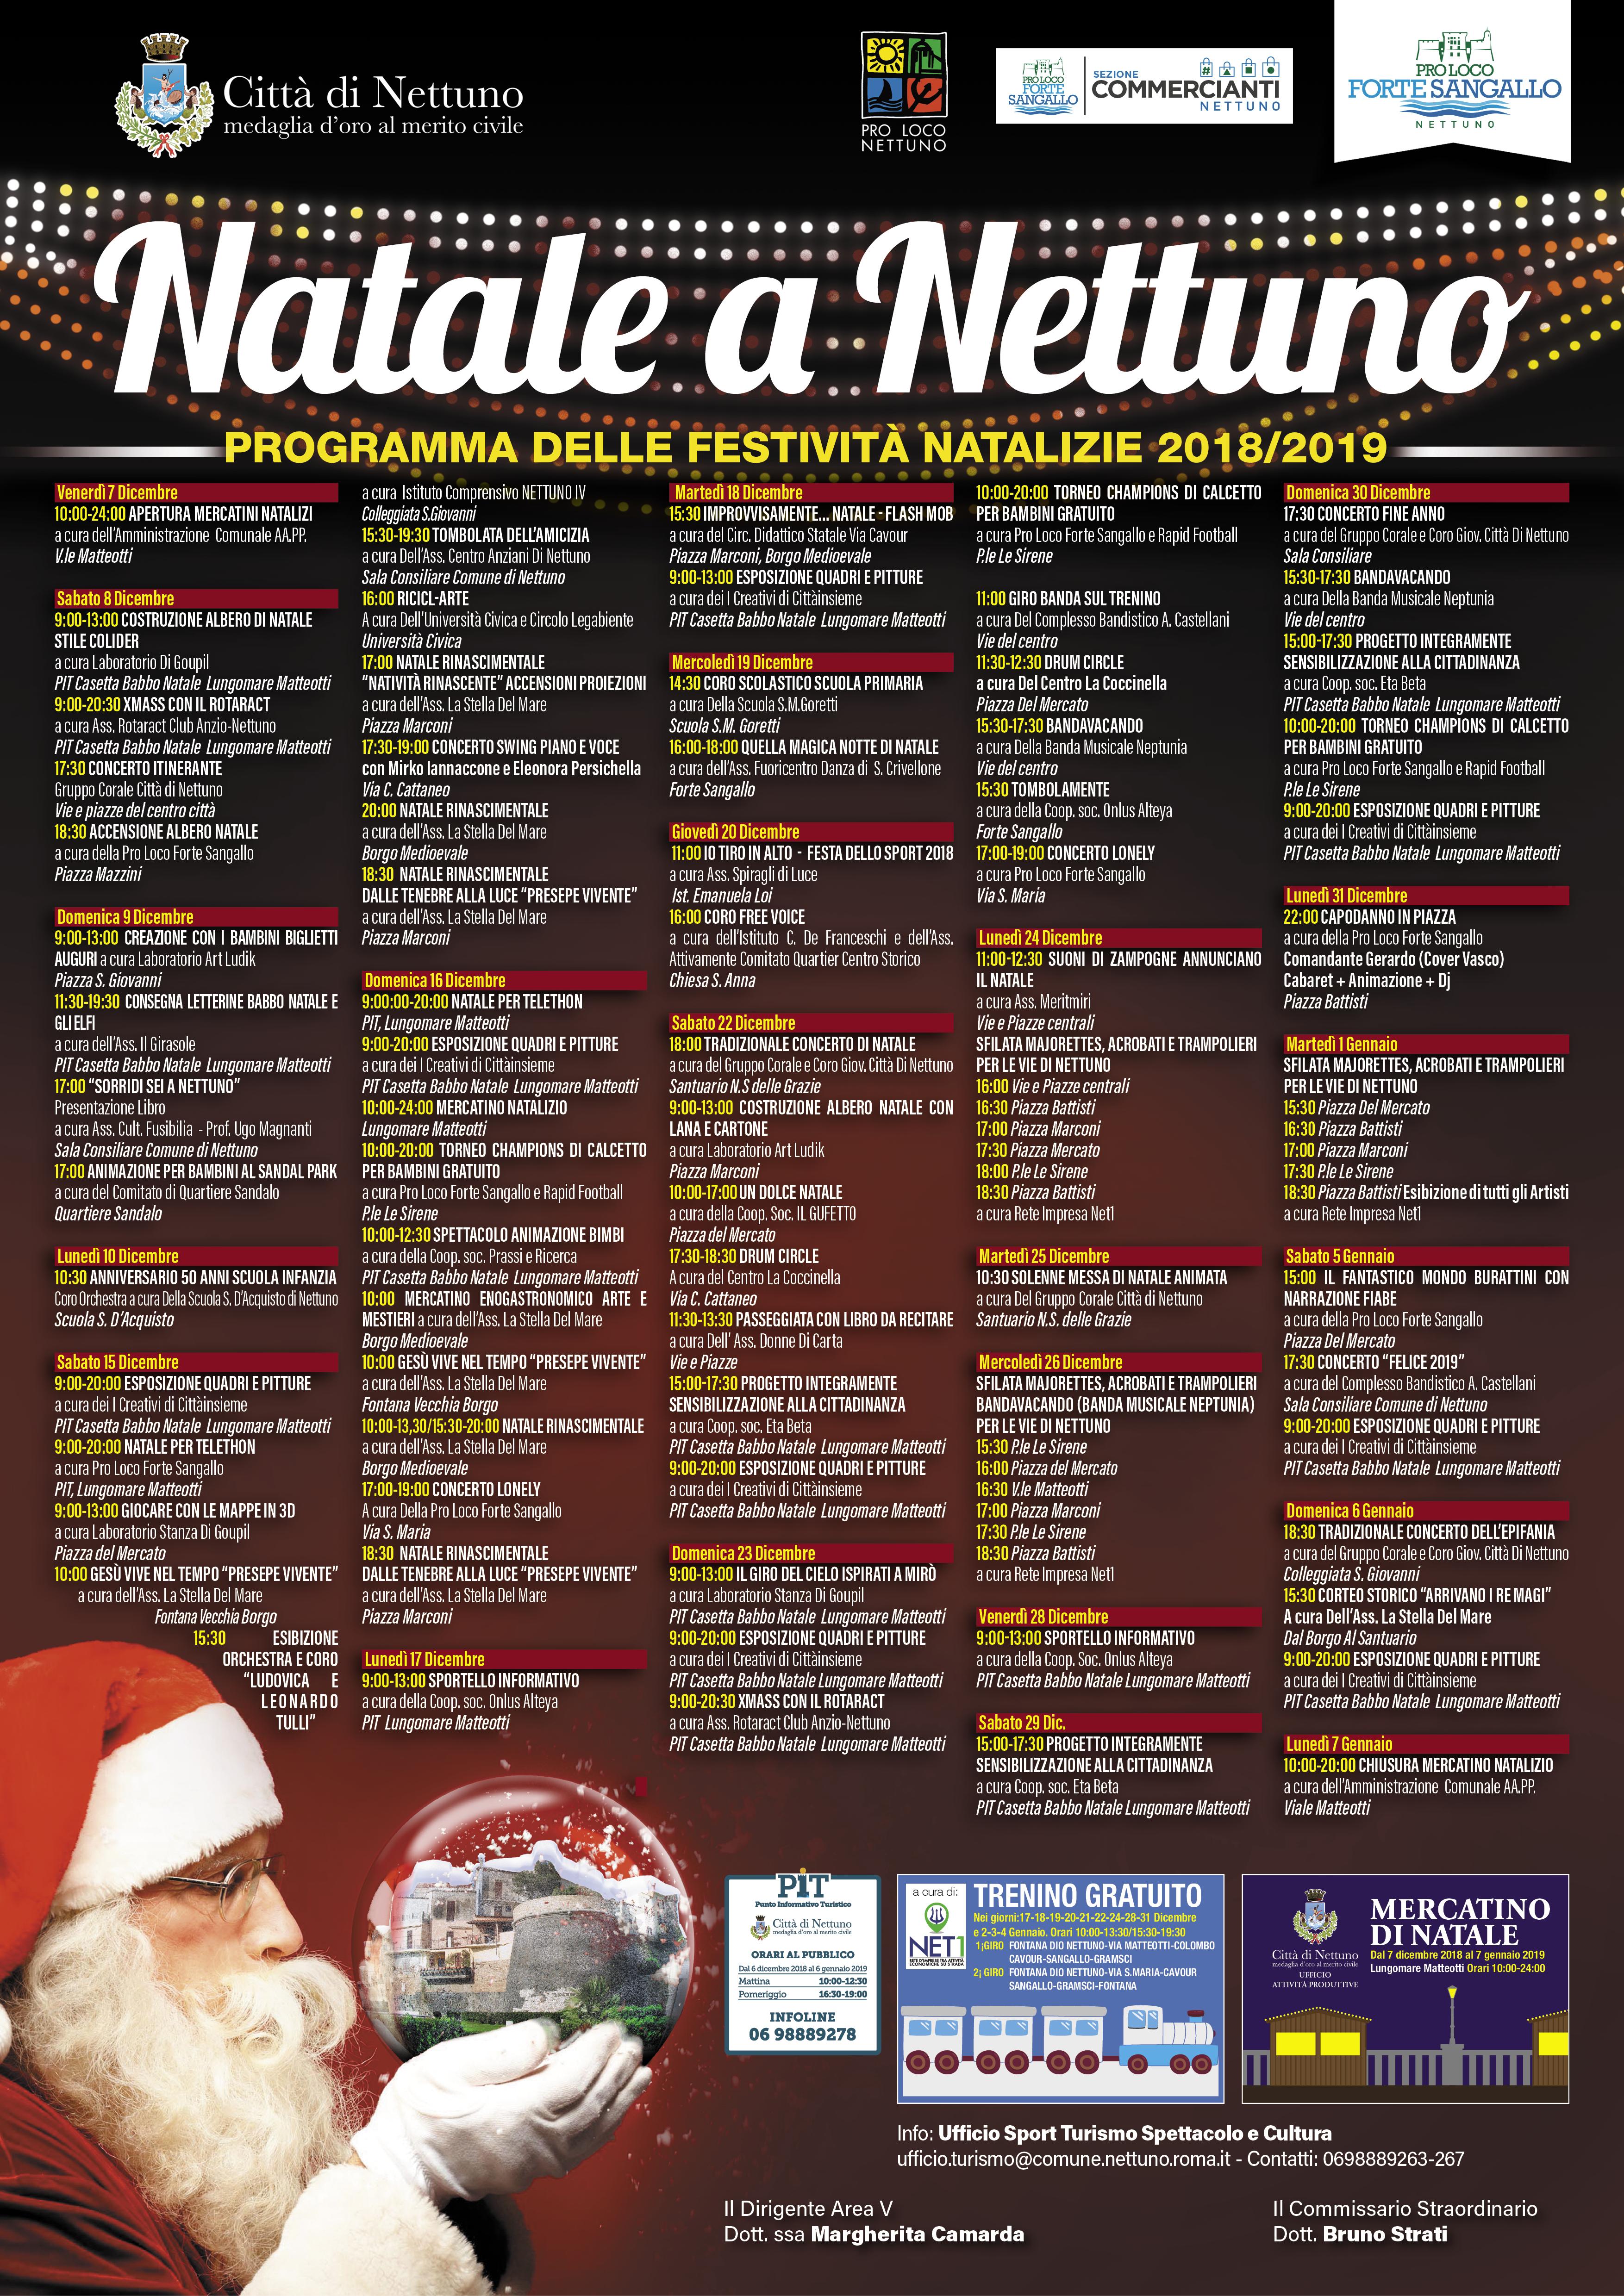 Calendario Feste.Nettuno Un Ricco Calendario Per Le Feste Di Natale Ecco Il